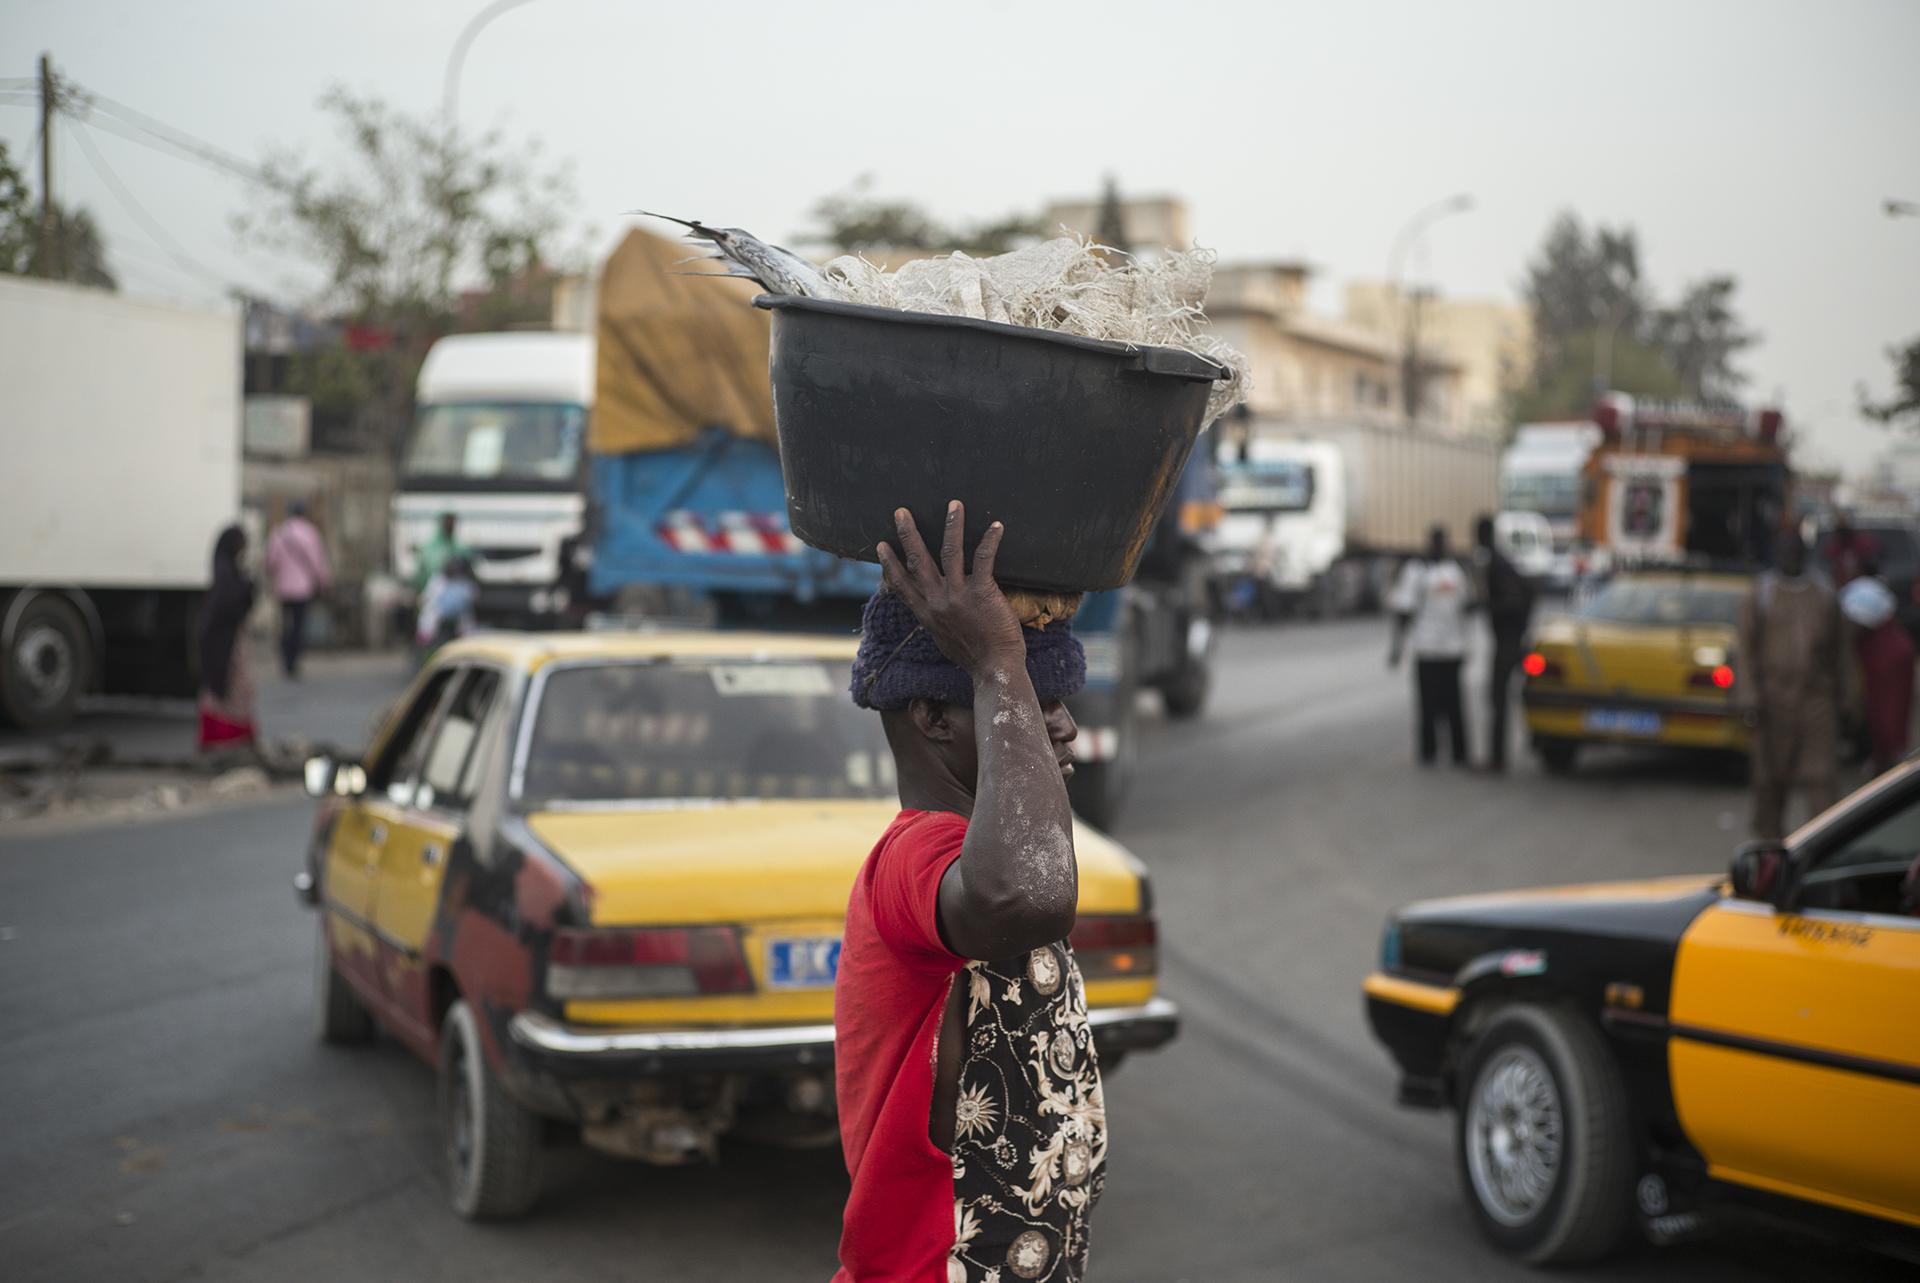 Circulation routière à Dakar, Sénégal. Mai 2017Quartier de Yarack à l'heure de pointe.